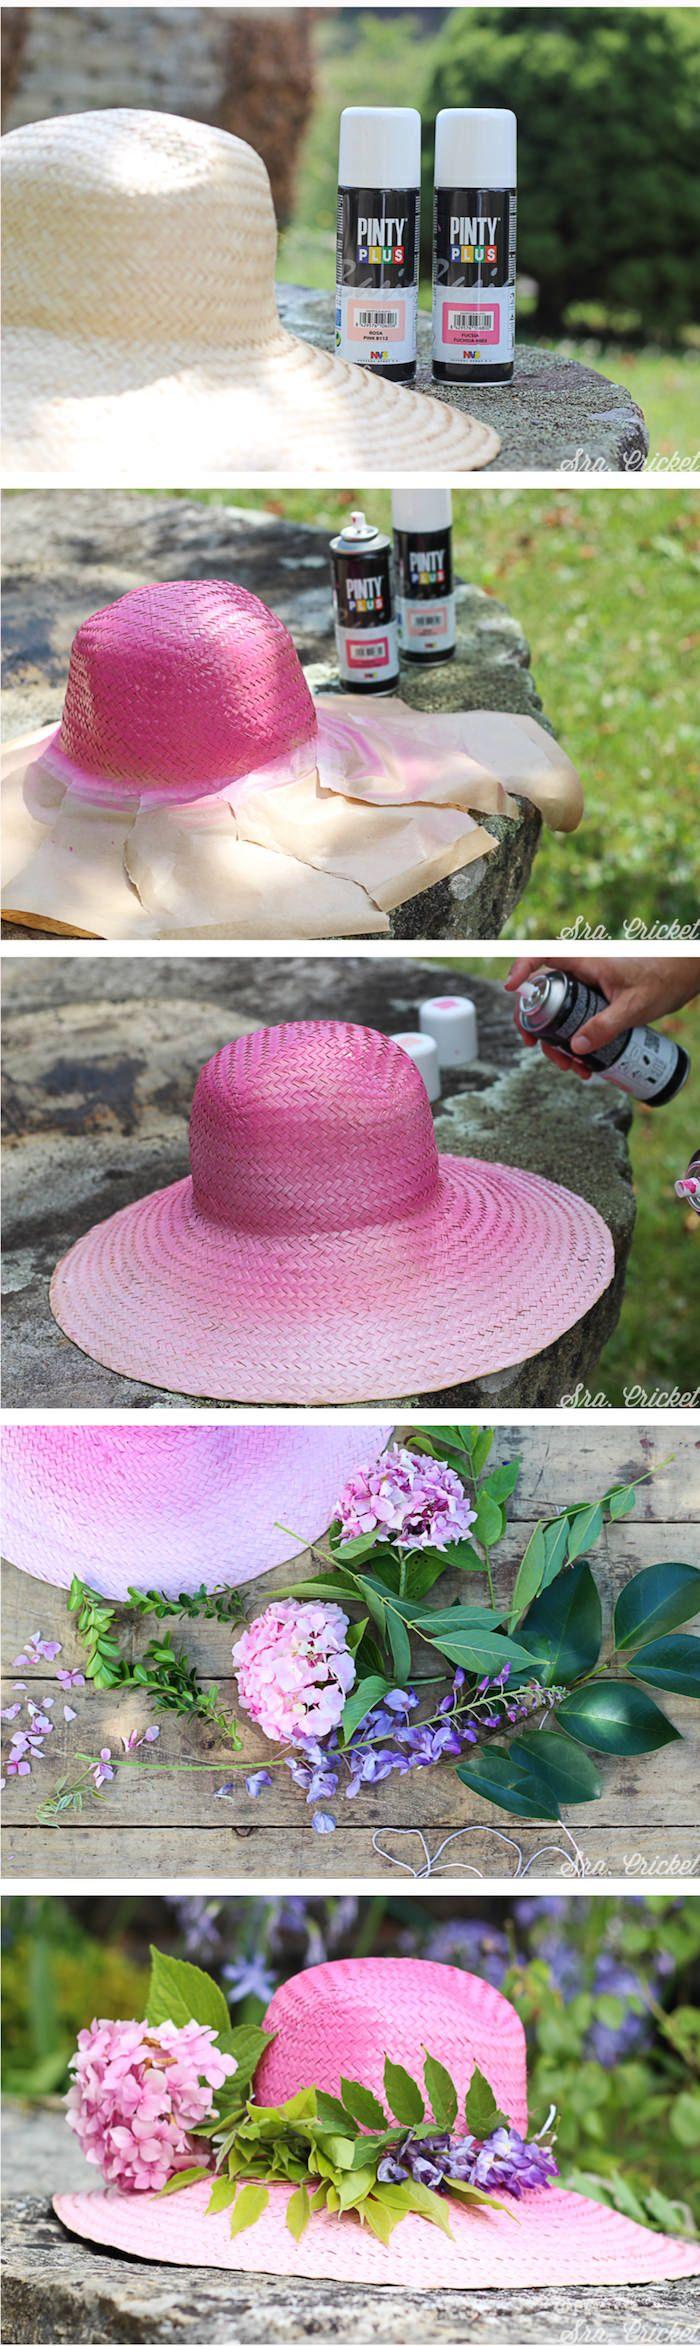 tutorial-sombrero-pintado-con-spray 3468ed22d99